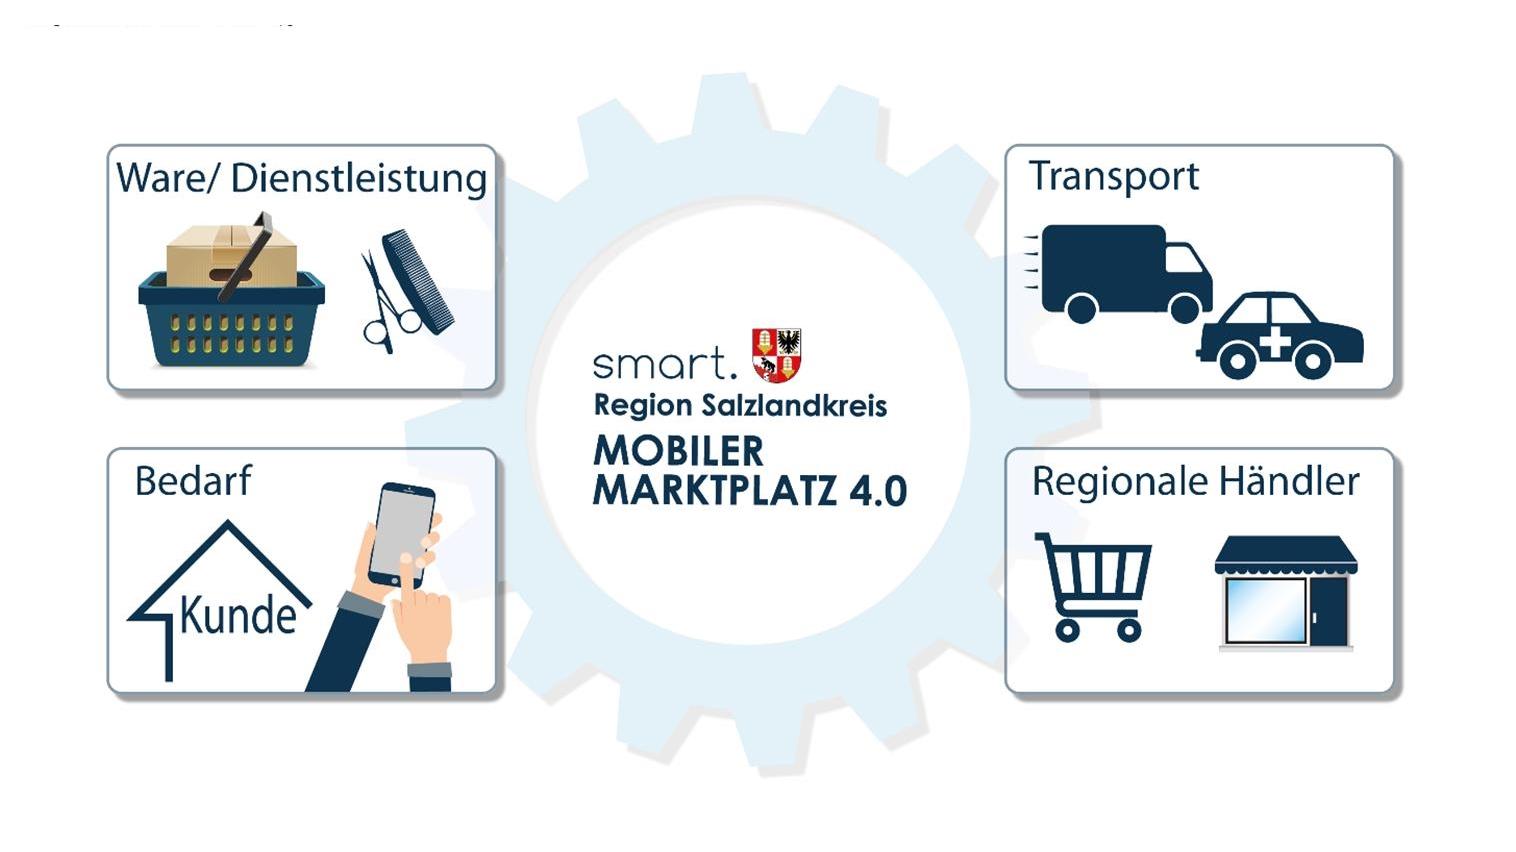 Wie soll der Mobile Marktplatz im Salzlandkreis künftig heißen?